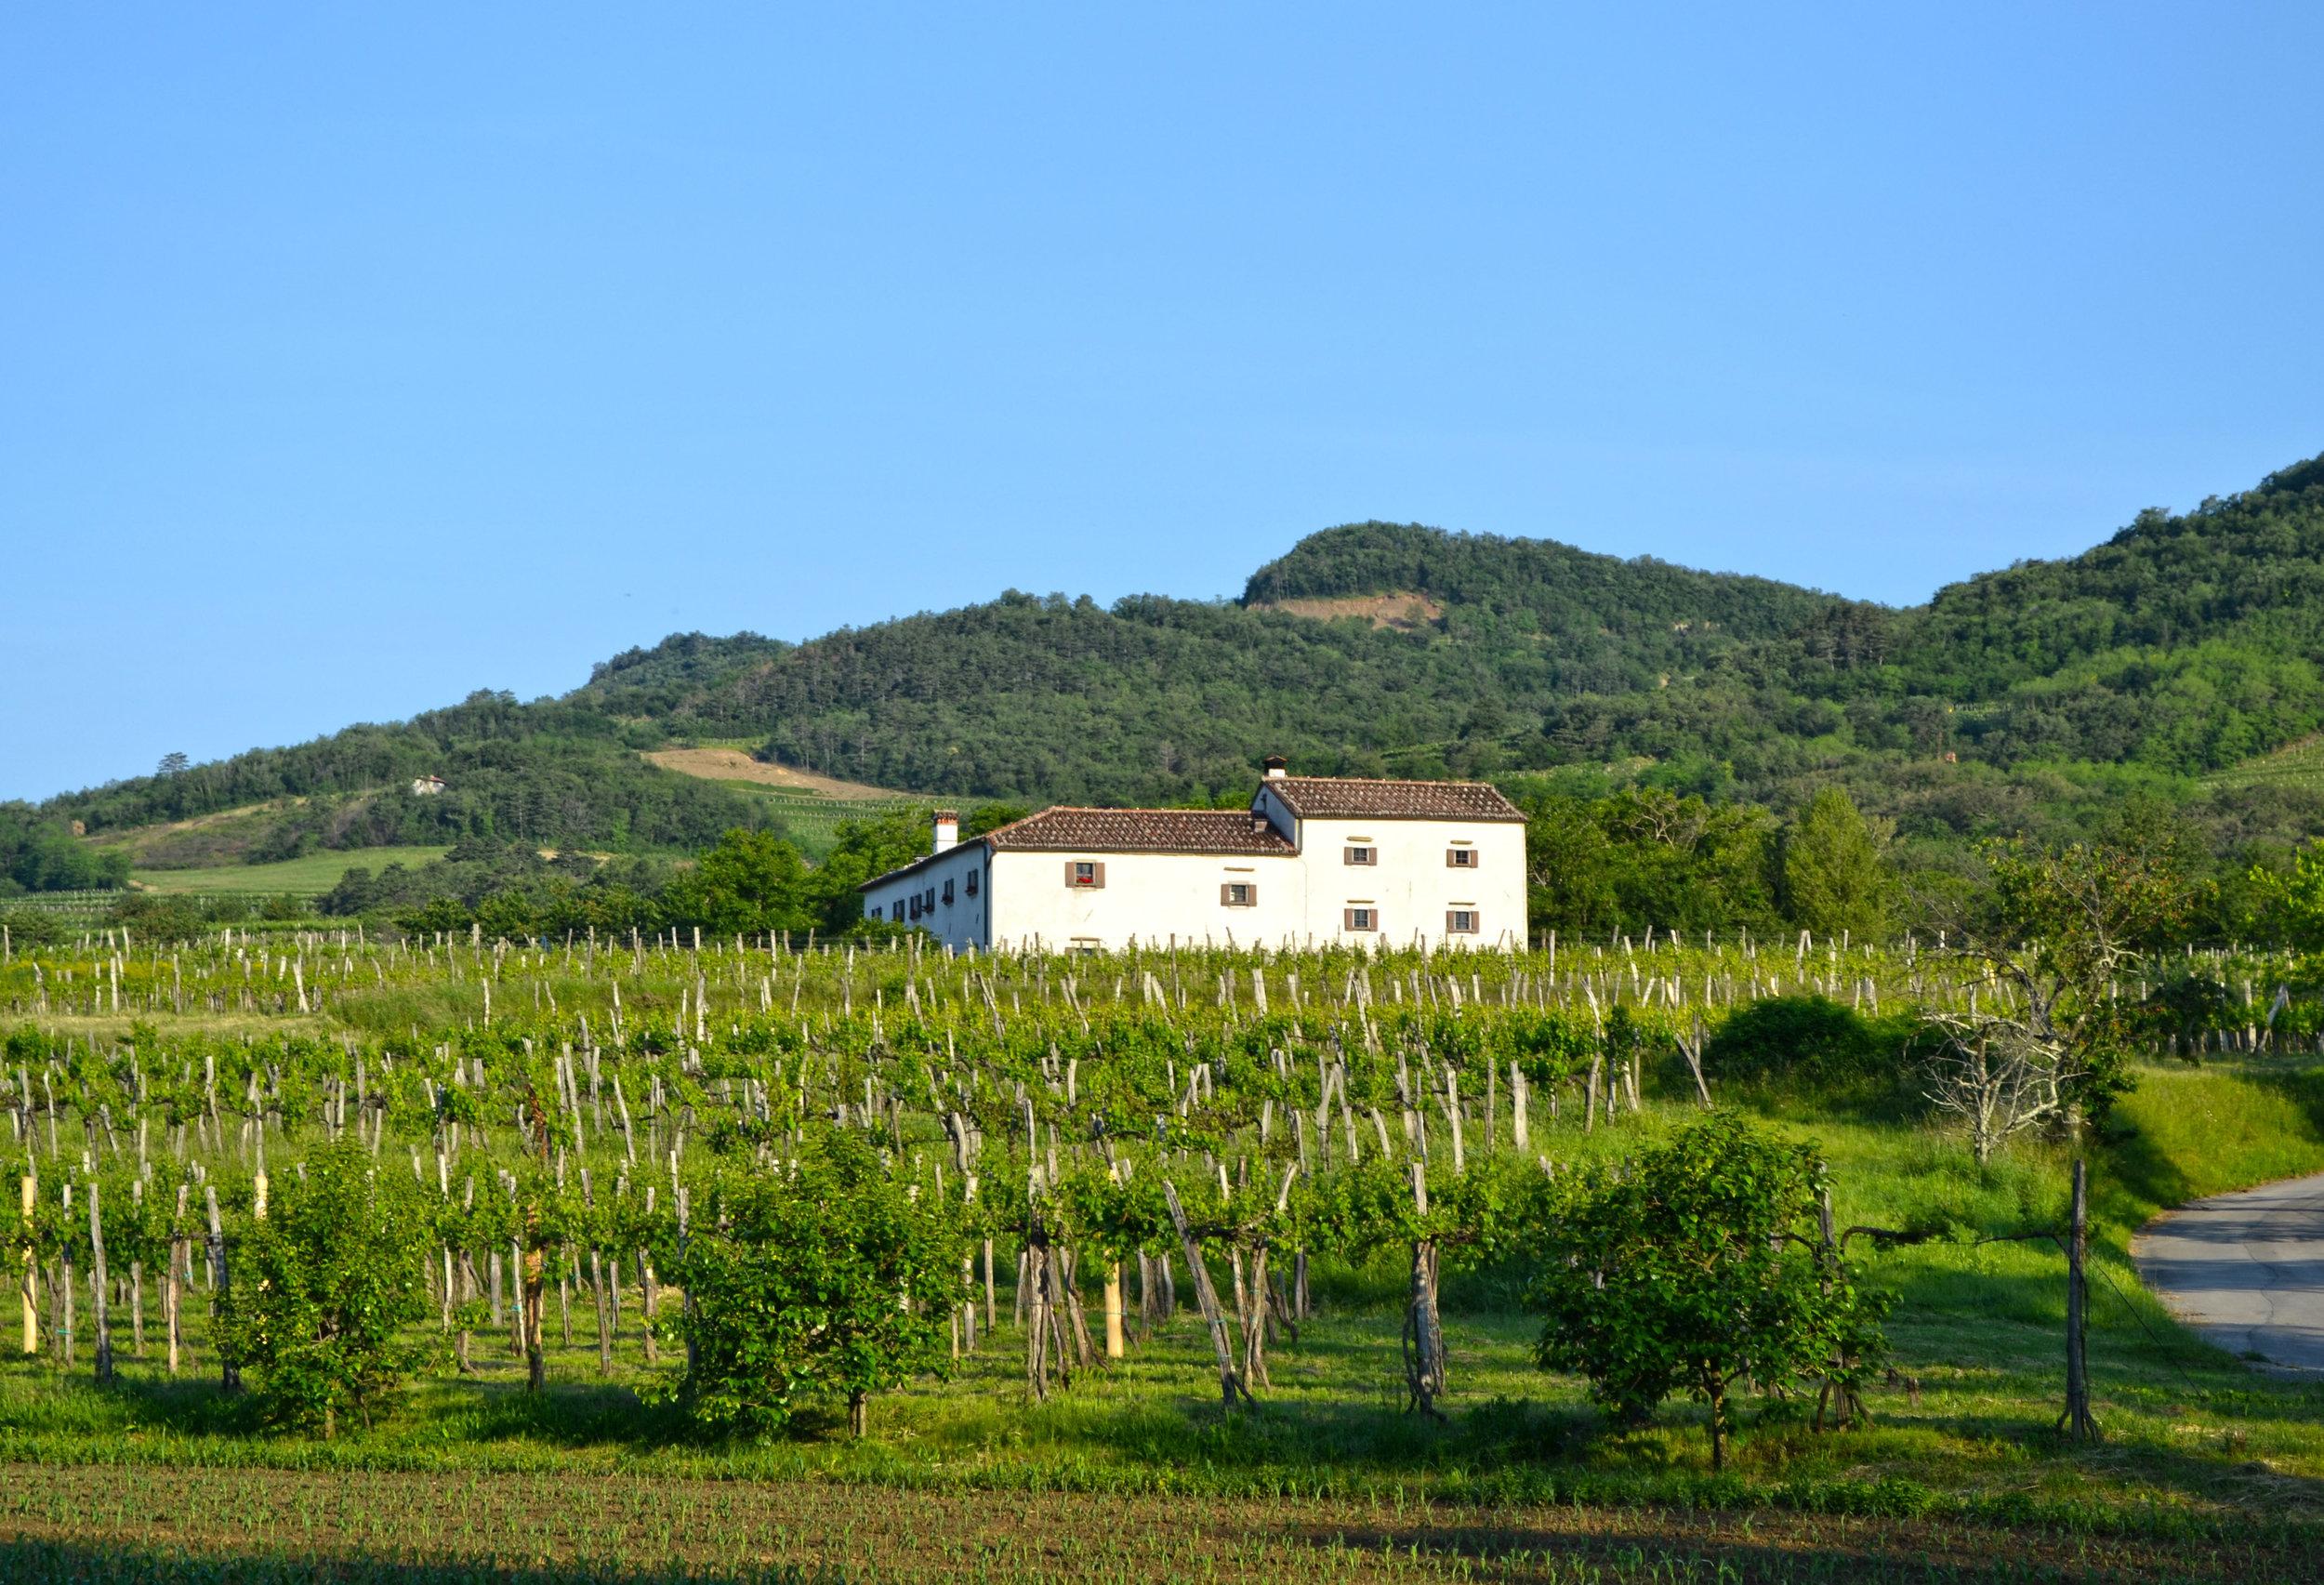 house in vineyard.jpg